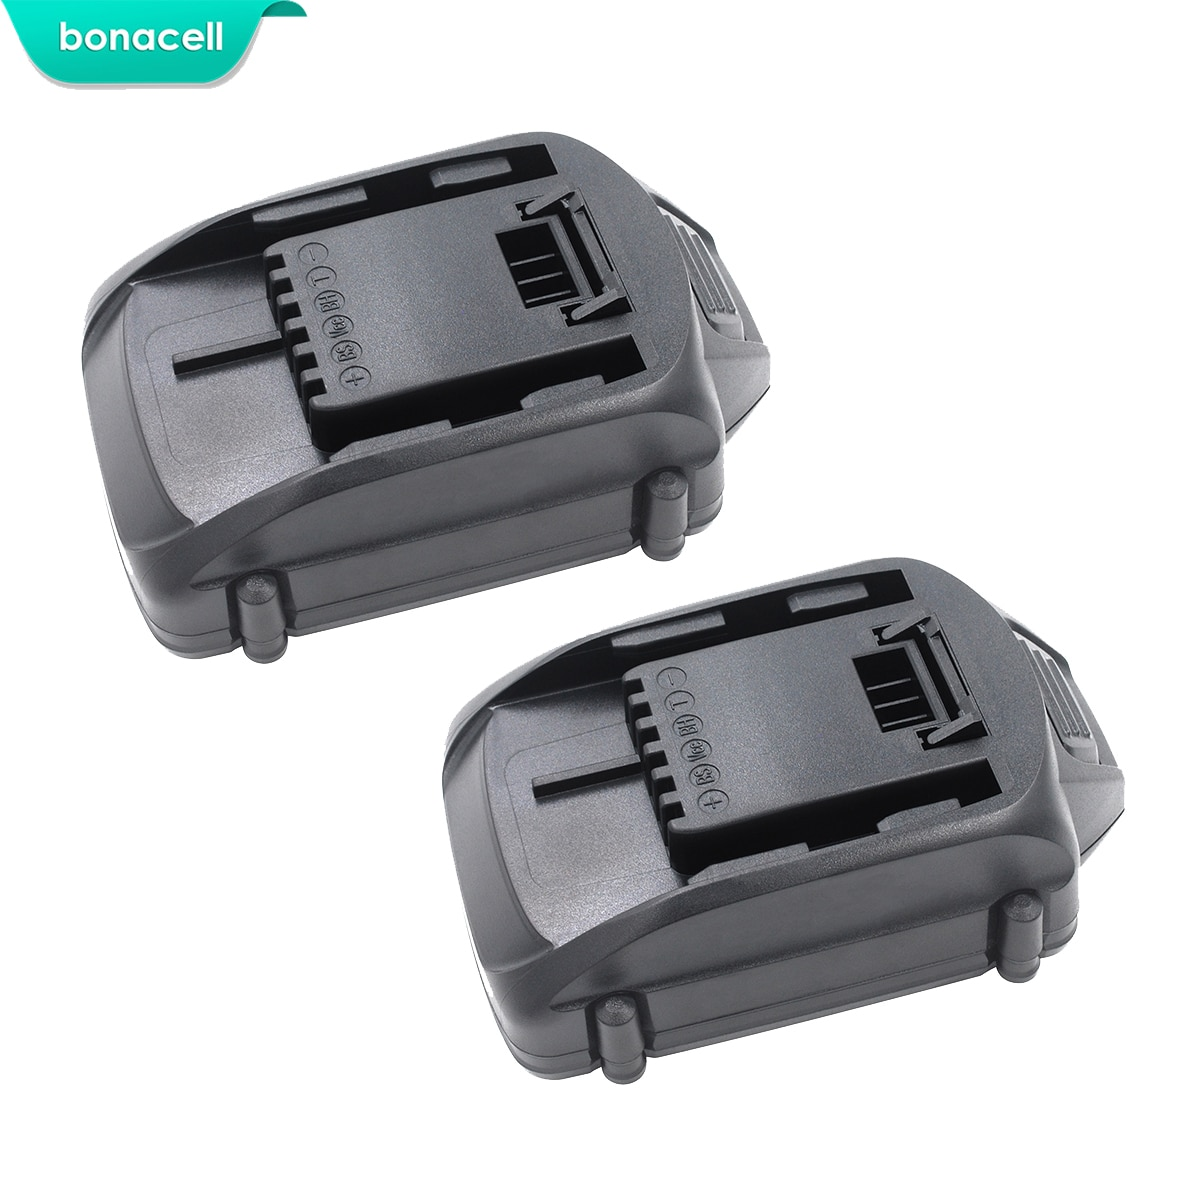 Bonacell 20V 3500mAh WA3525 batería recargable para WORX WA3742 WG155 WG160 WG255 WG545 WA3520 WA3525 WA3760 WA3553 L70